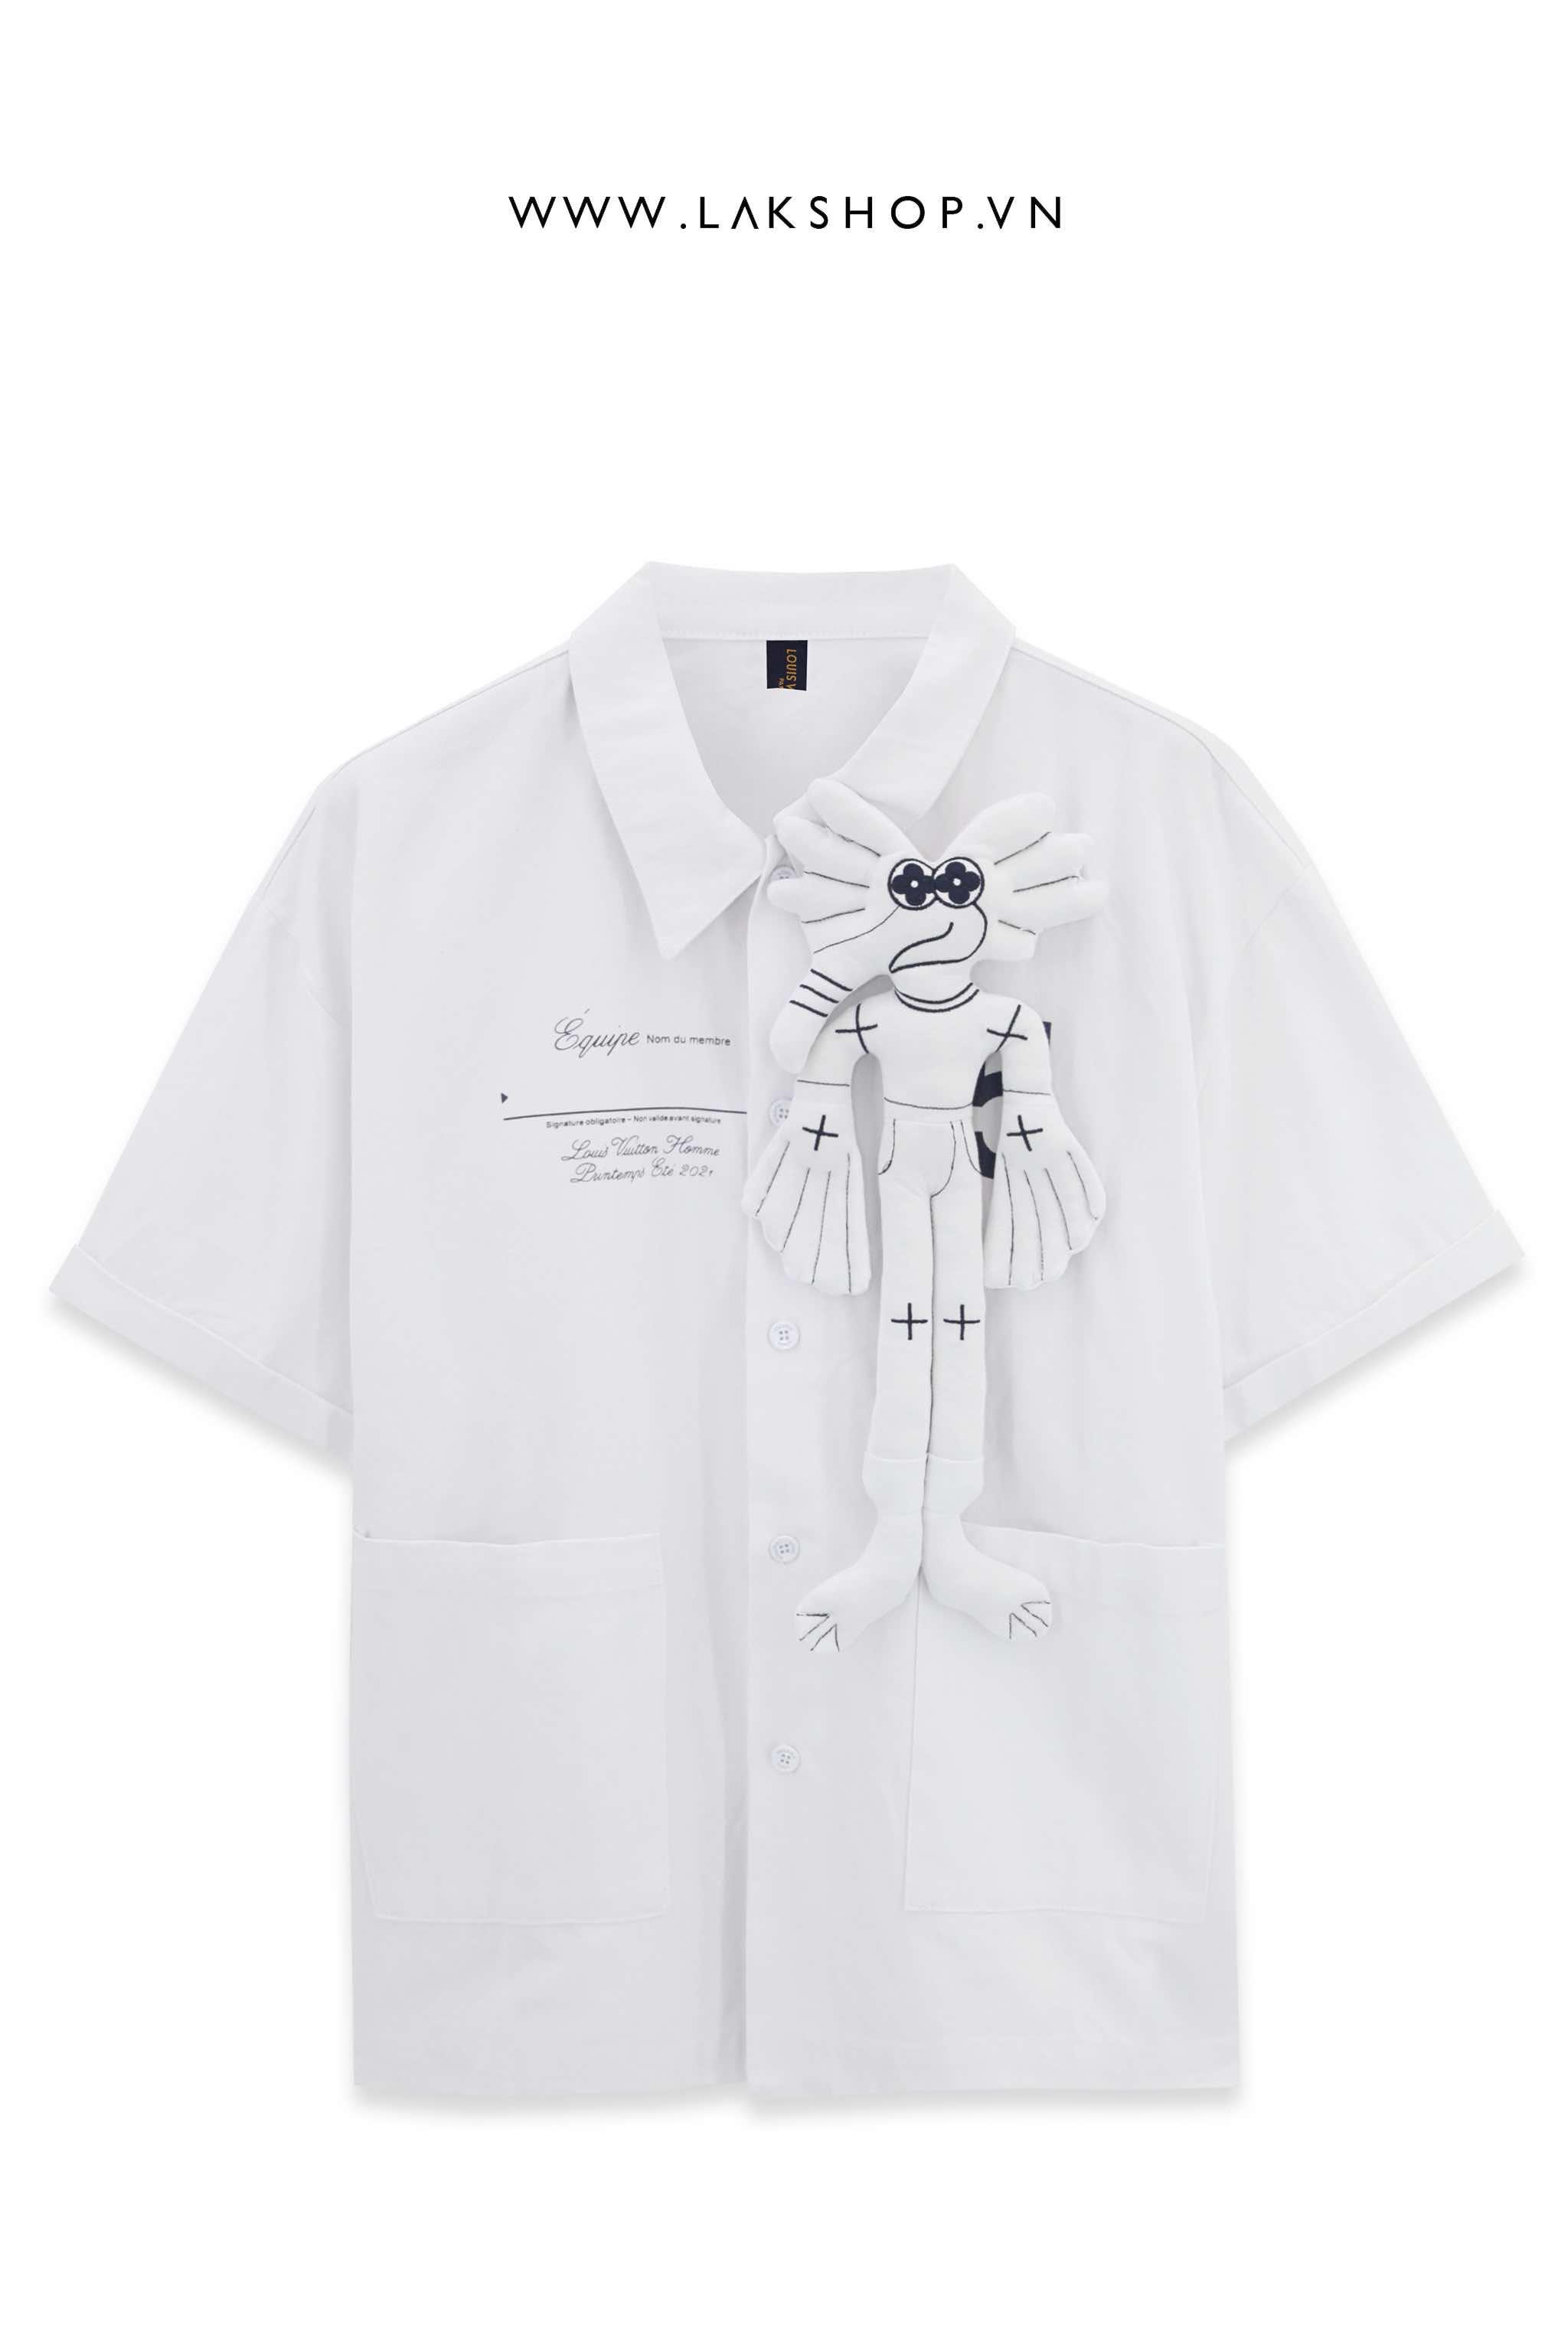 Louis Vuitton 3D Equipe Oversized Shirt